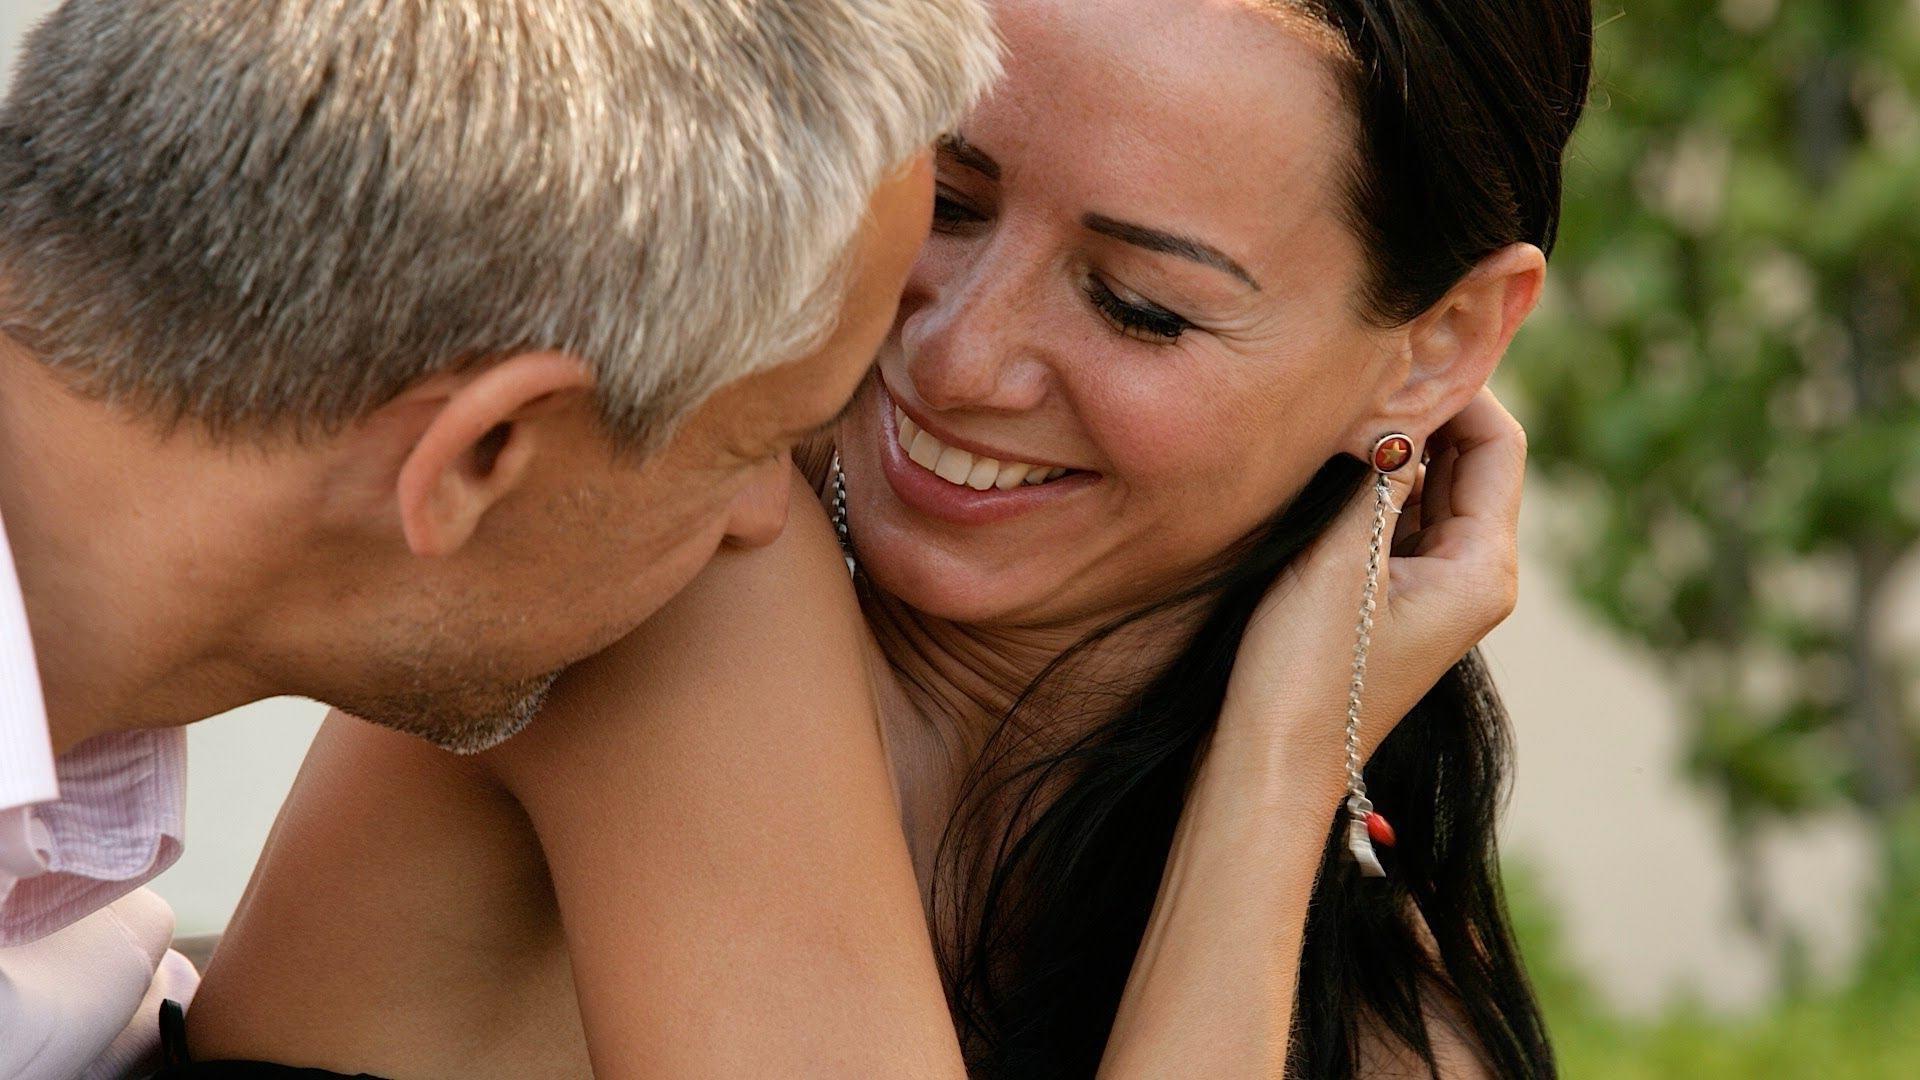 Чтобы стать идеальной любовницей, нужно уметь привлекать не только красотой, но и общением